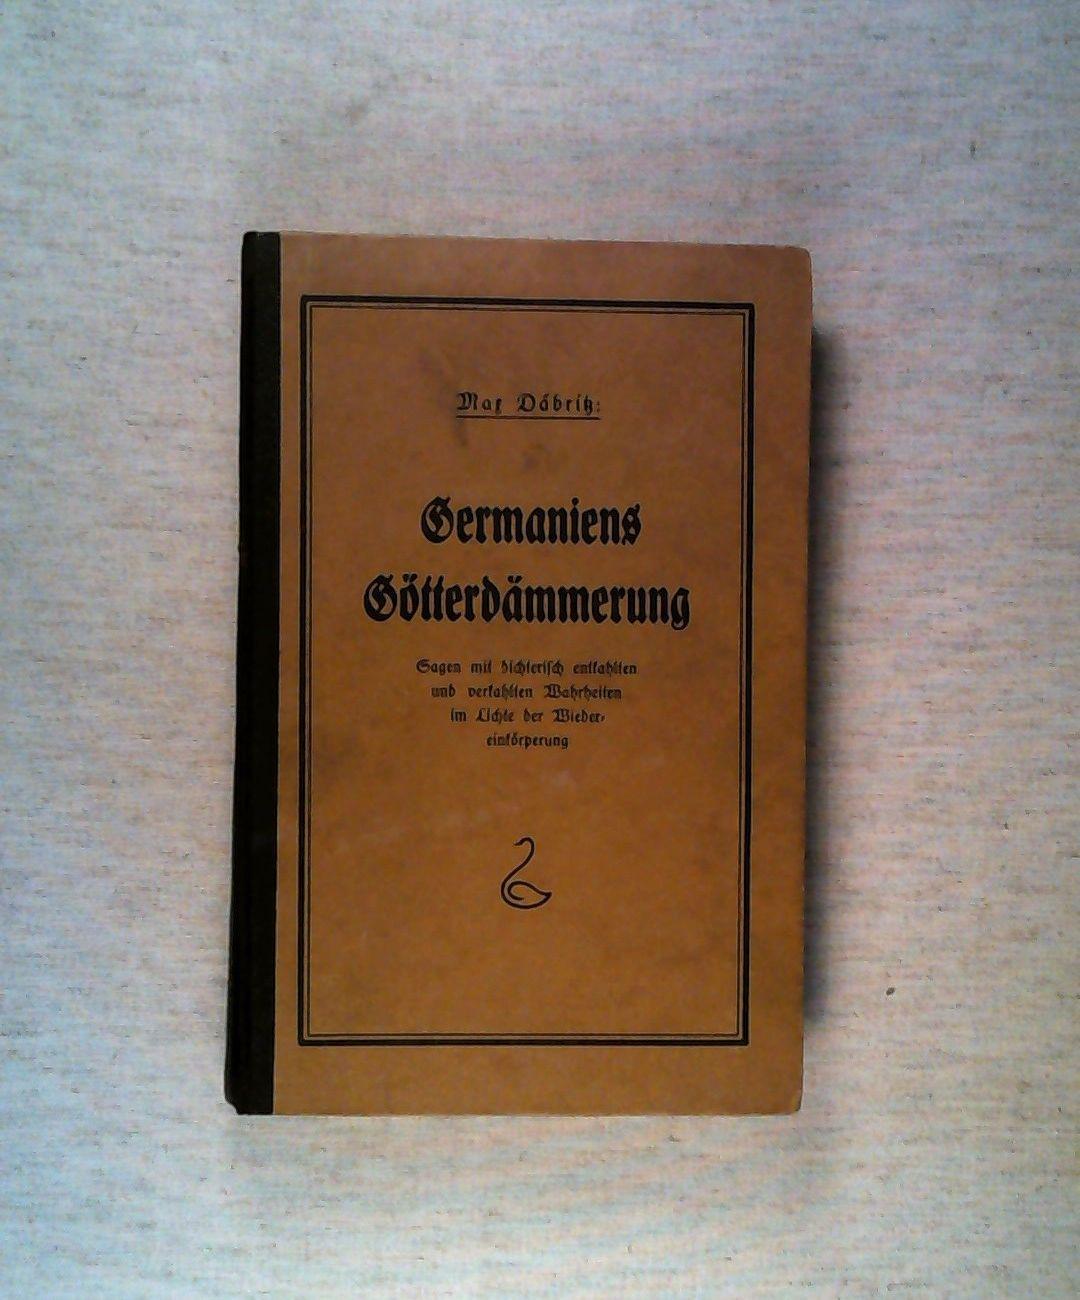 Germaniens Götterdämmerung Sagen mit dichterisch entkahlten und: Däbritz, Max: